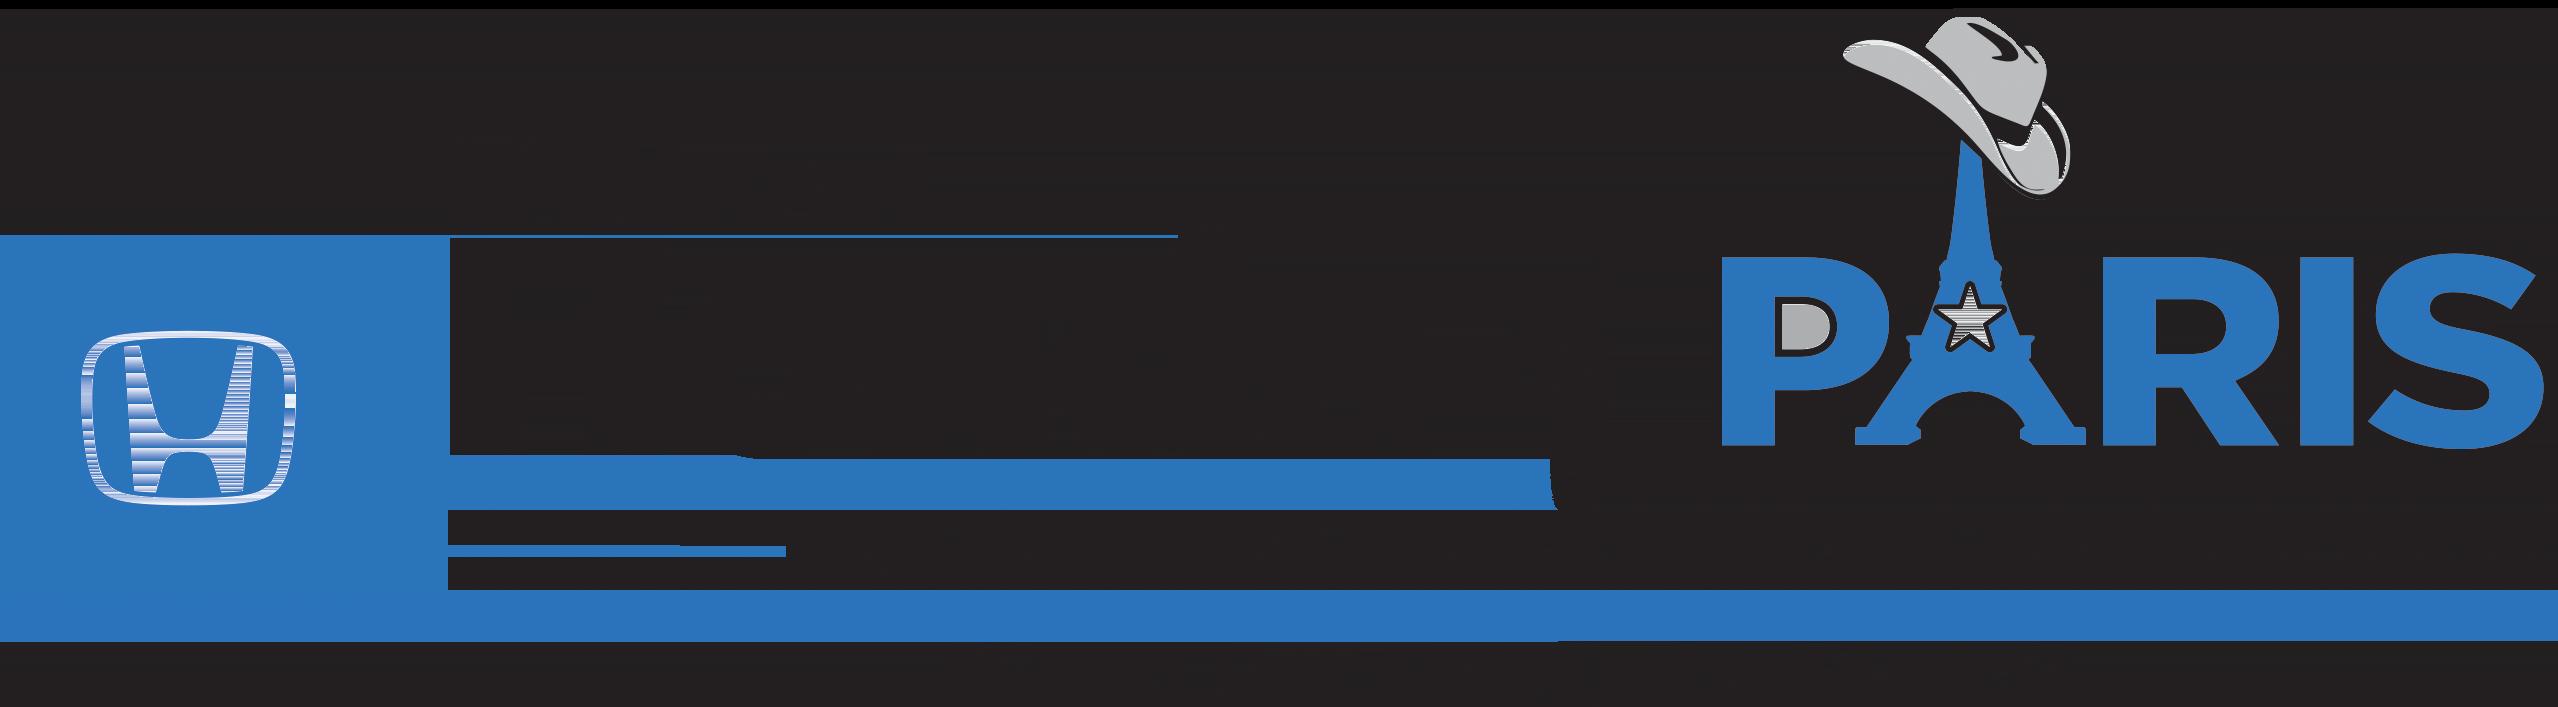 Car Finder Mathews Honda Of Paris